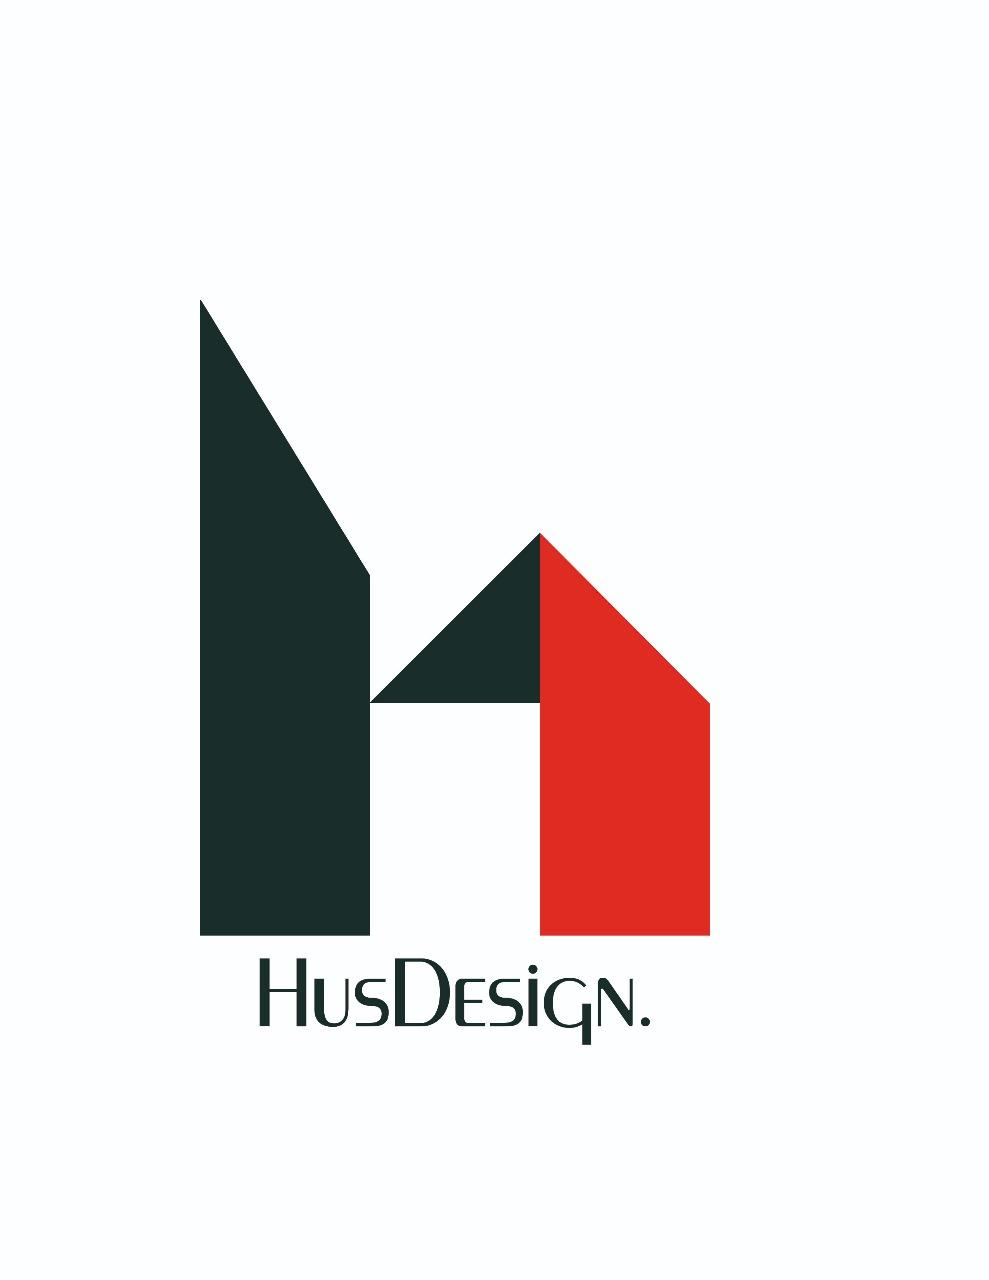 Hus Desing